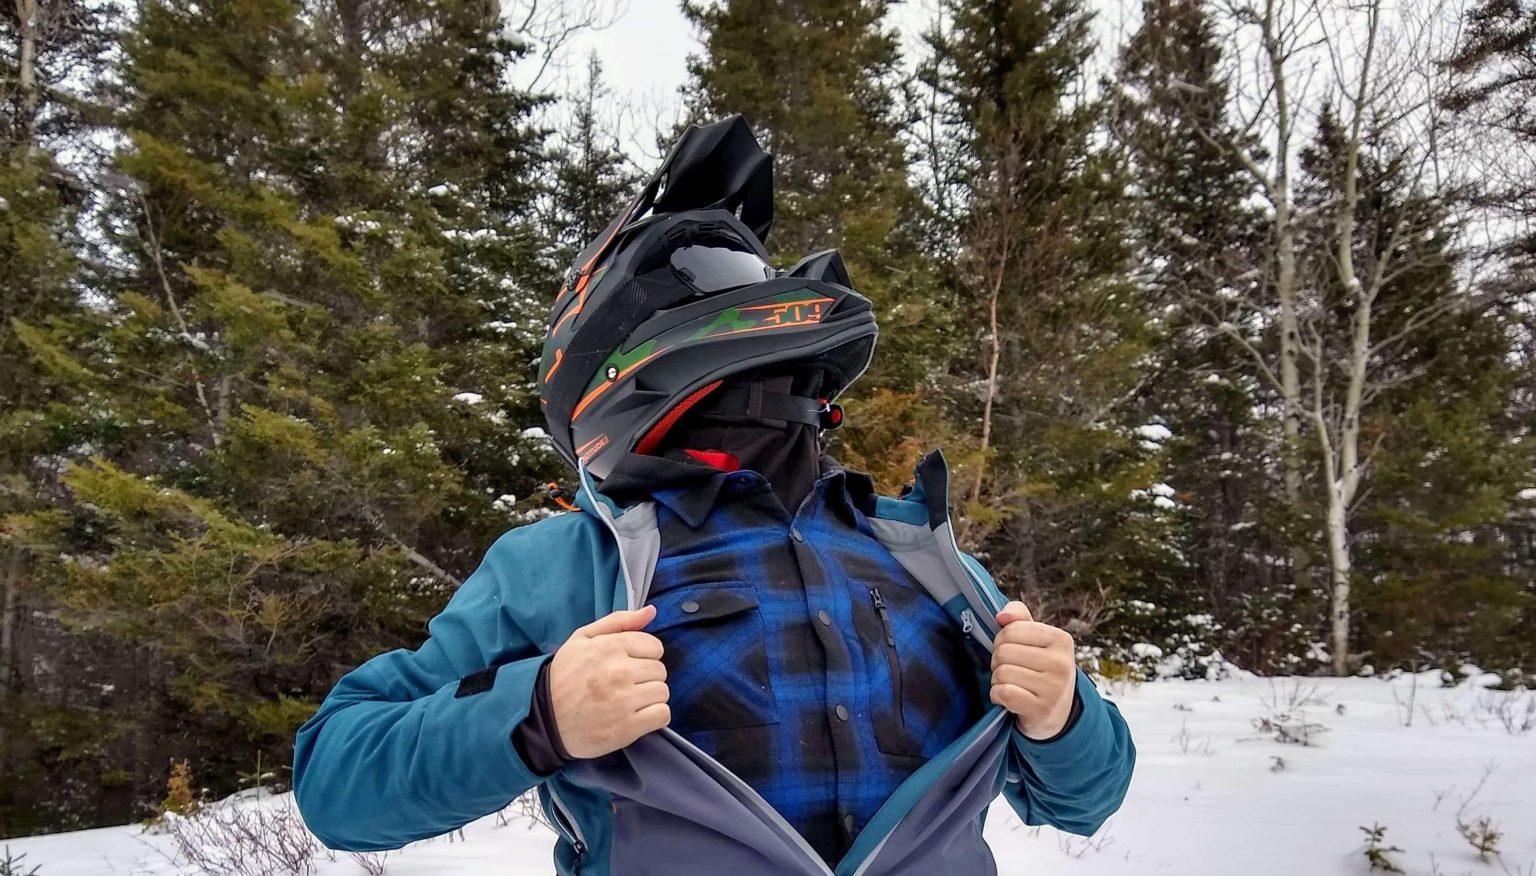 Essai du casque 509 Altitude et lunettes Kingpin/Sinister X5